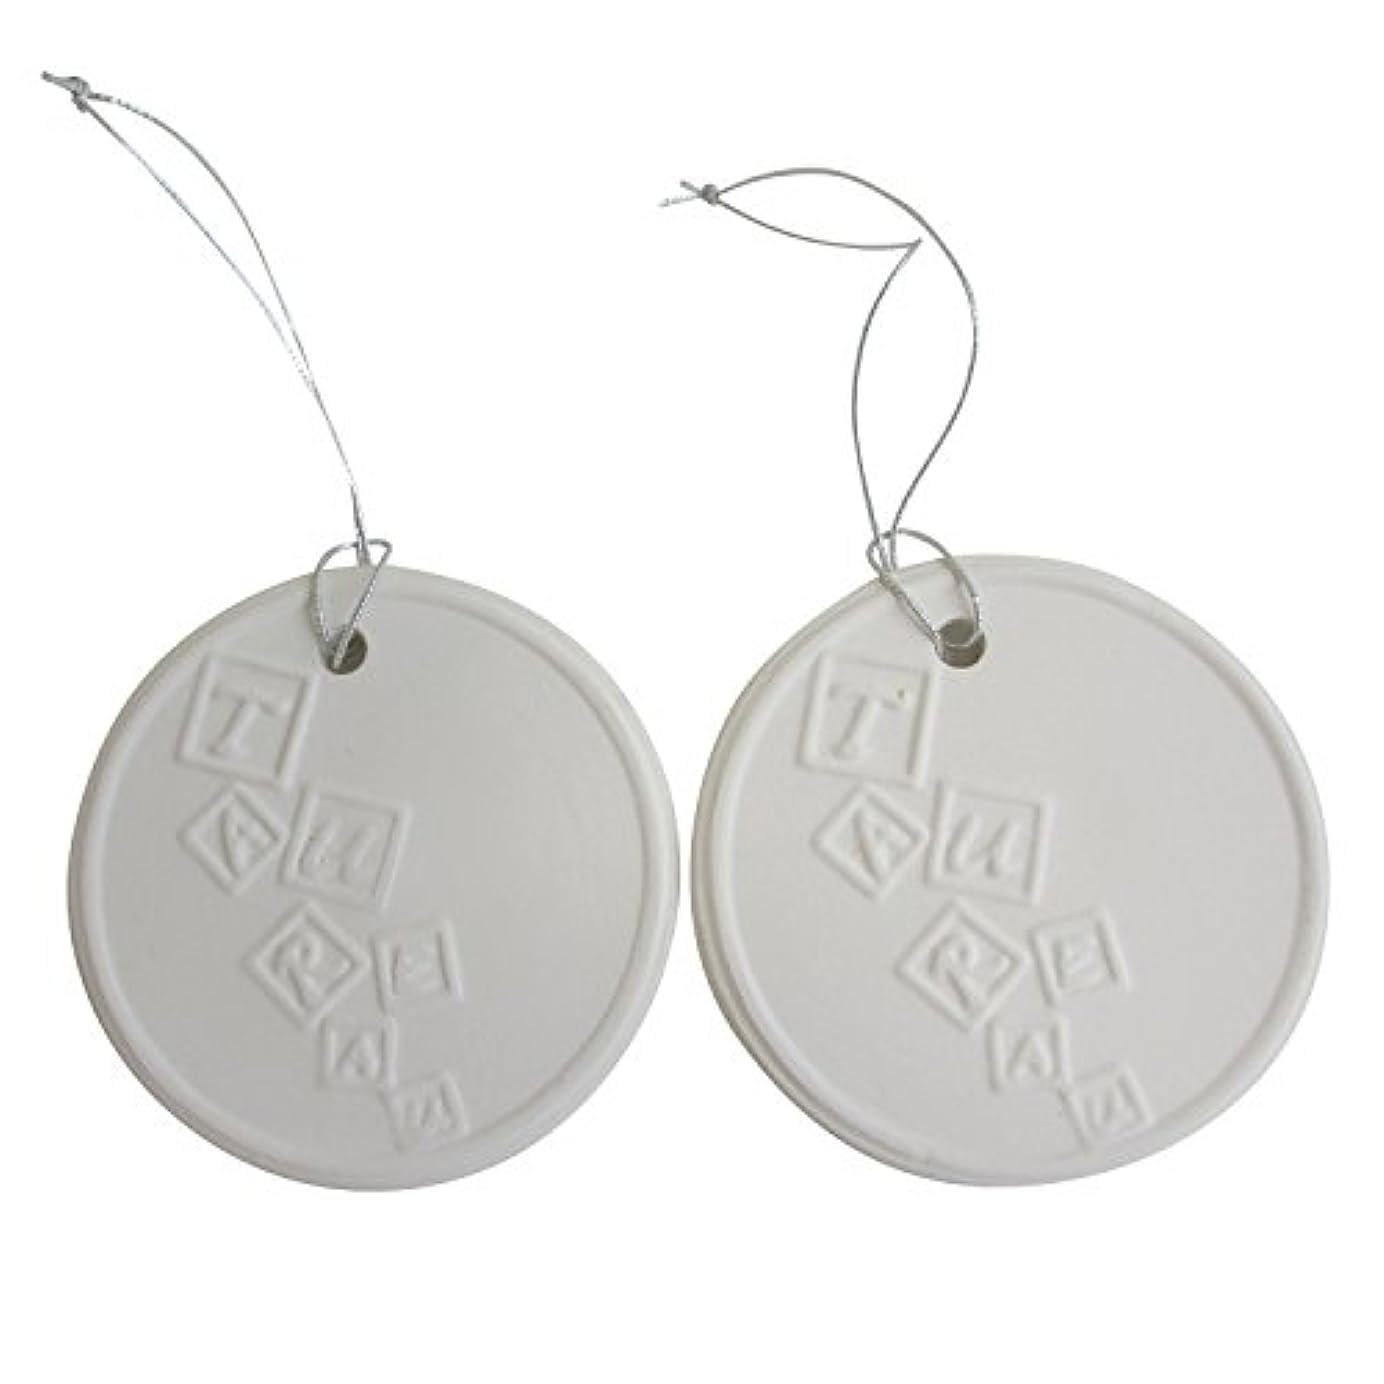 手術鬼ごっこ背景アロマストーン ホワイトコイン 2セット(ロゴ2) アクセサリー 小物 キーホルダー アロマディフューザー ペンダント 陶器製